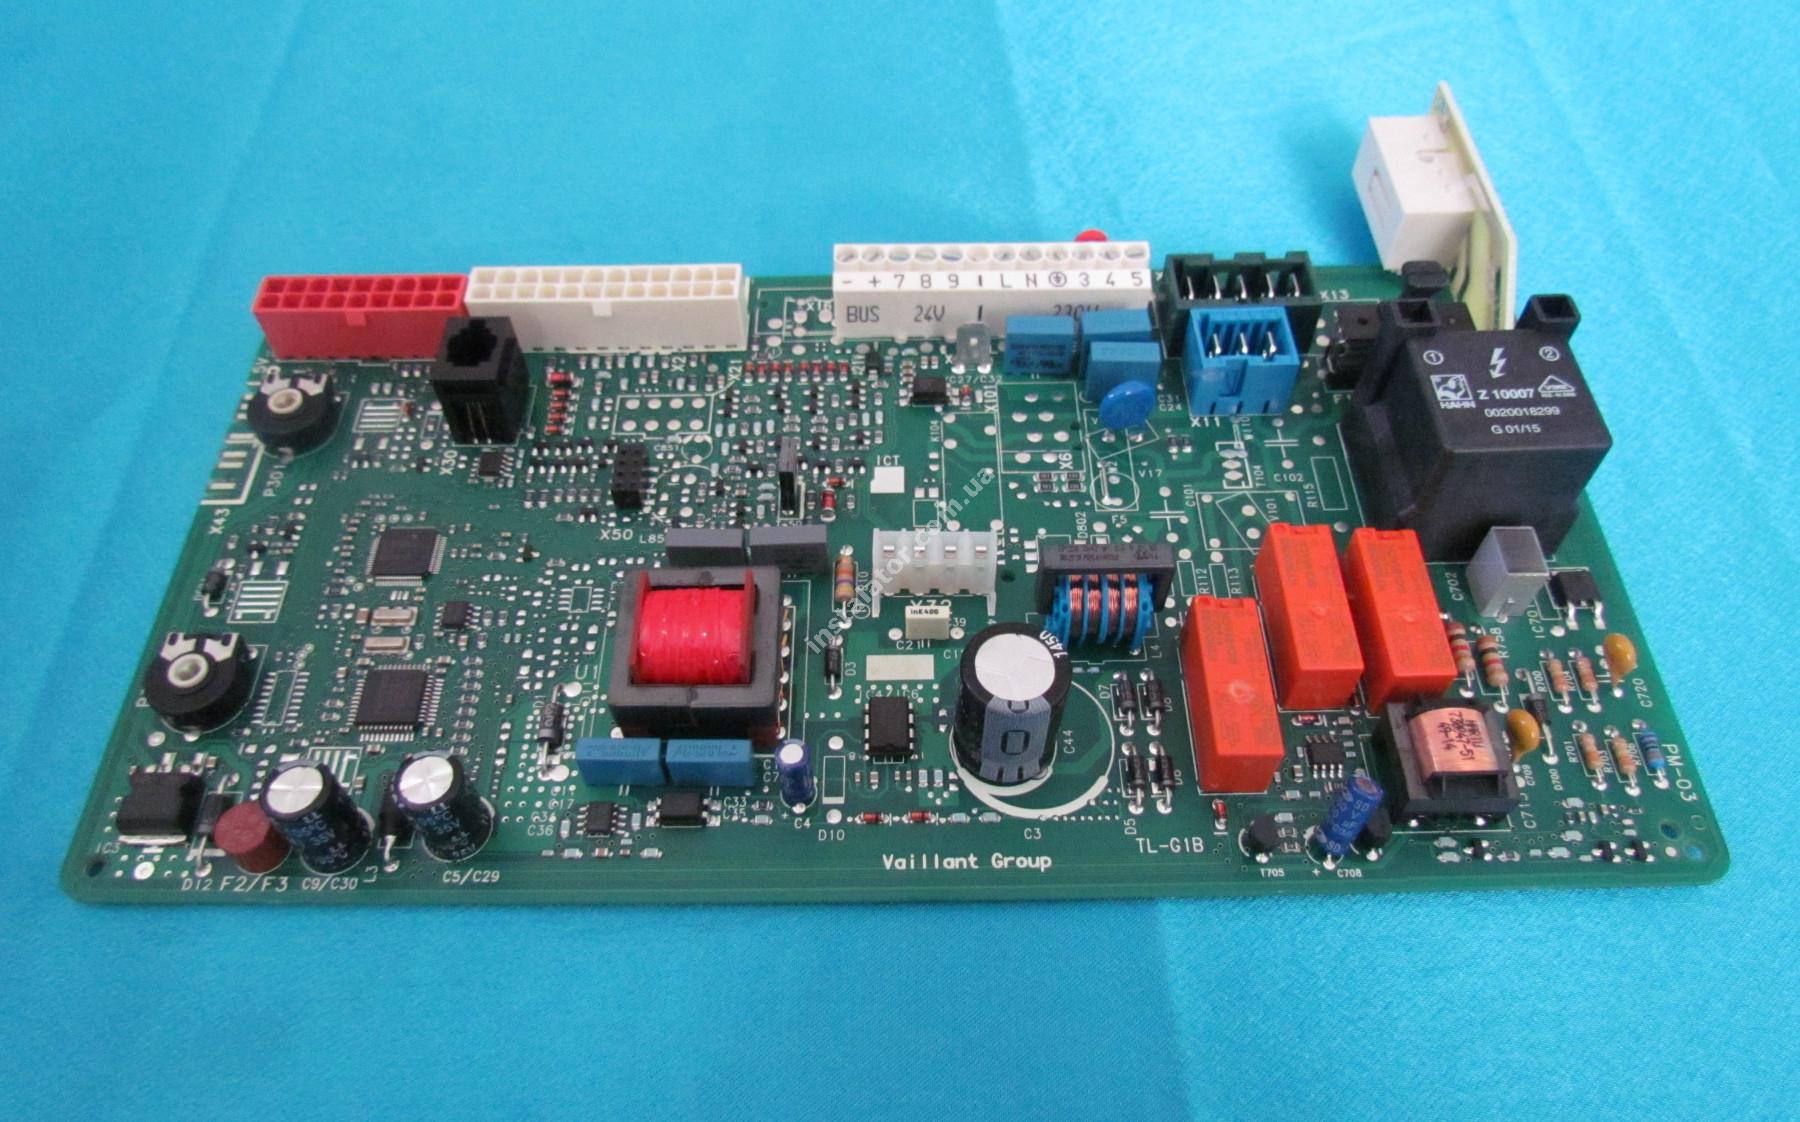 0020092371 Плата керування - універсальна VAILLANT Atmo/Turbo TEC Pro/Plus full-image-2